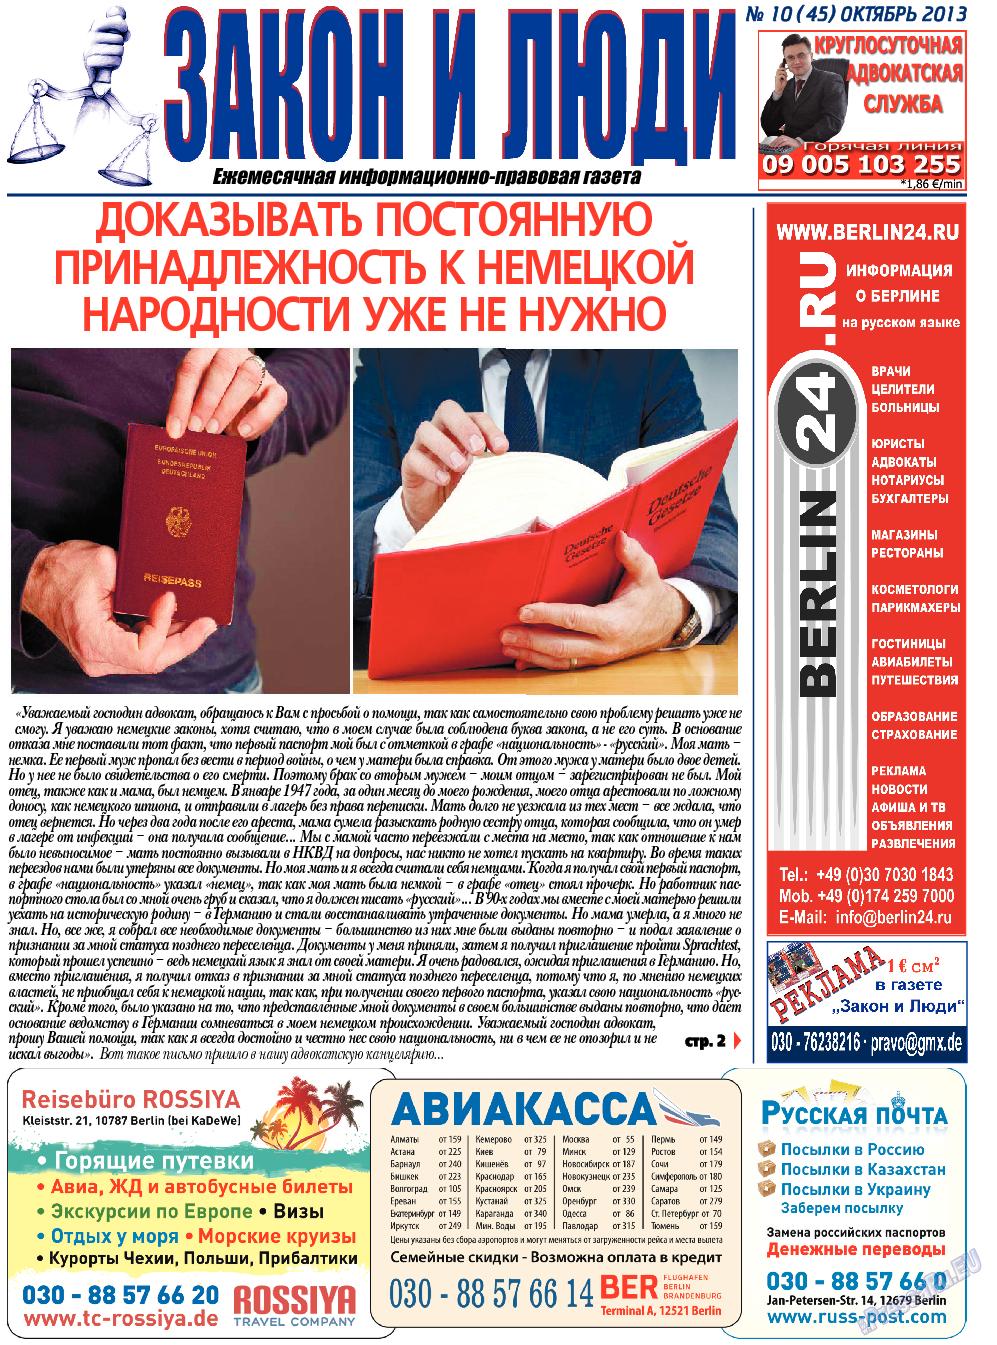 Закон и люди (газета). 2013 год, номер 10, стр. 1